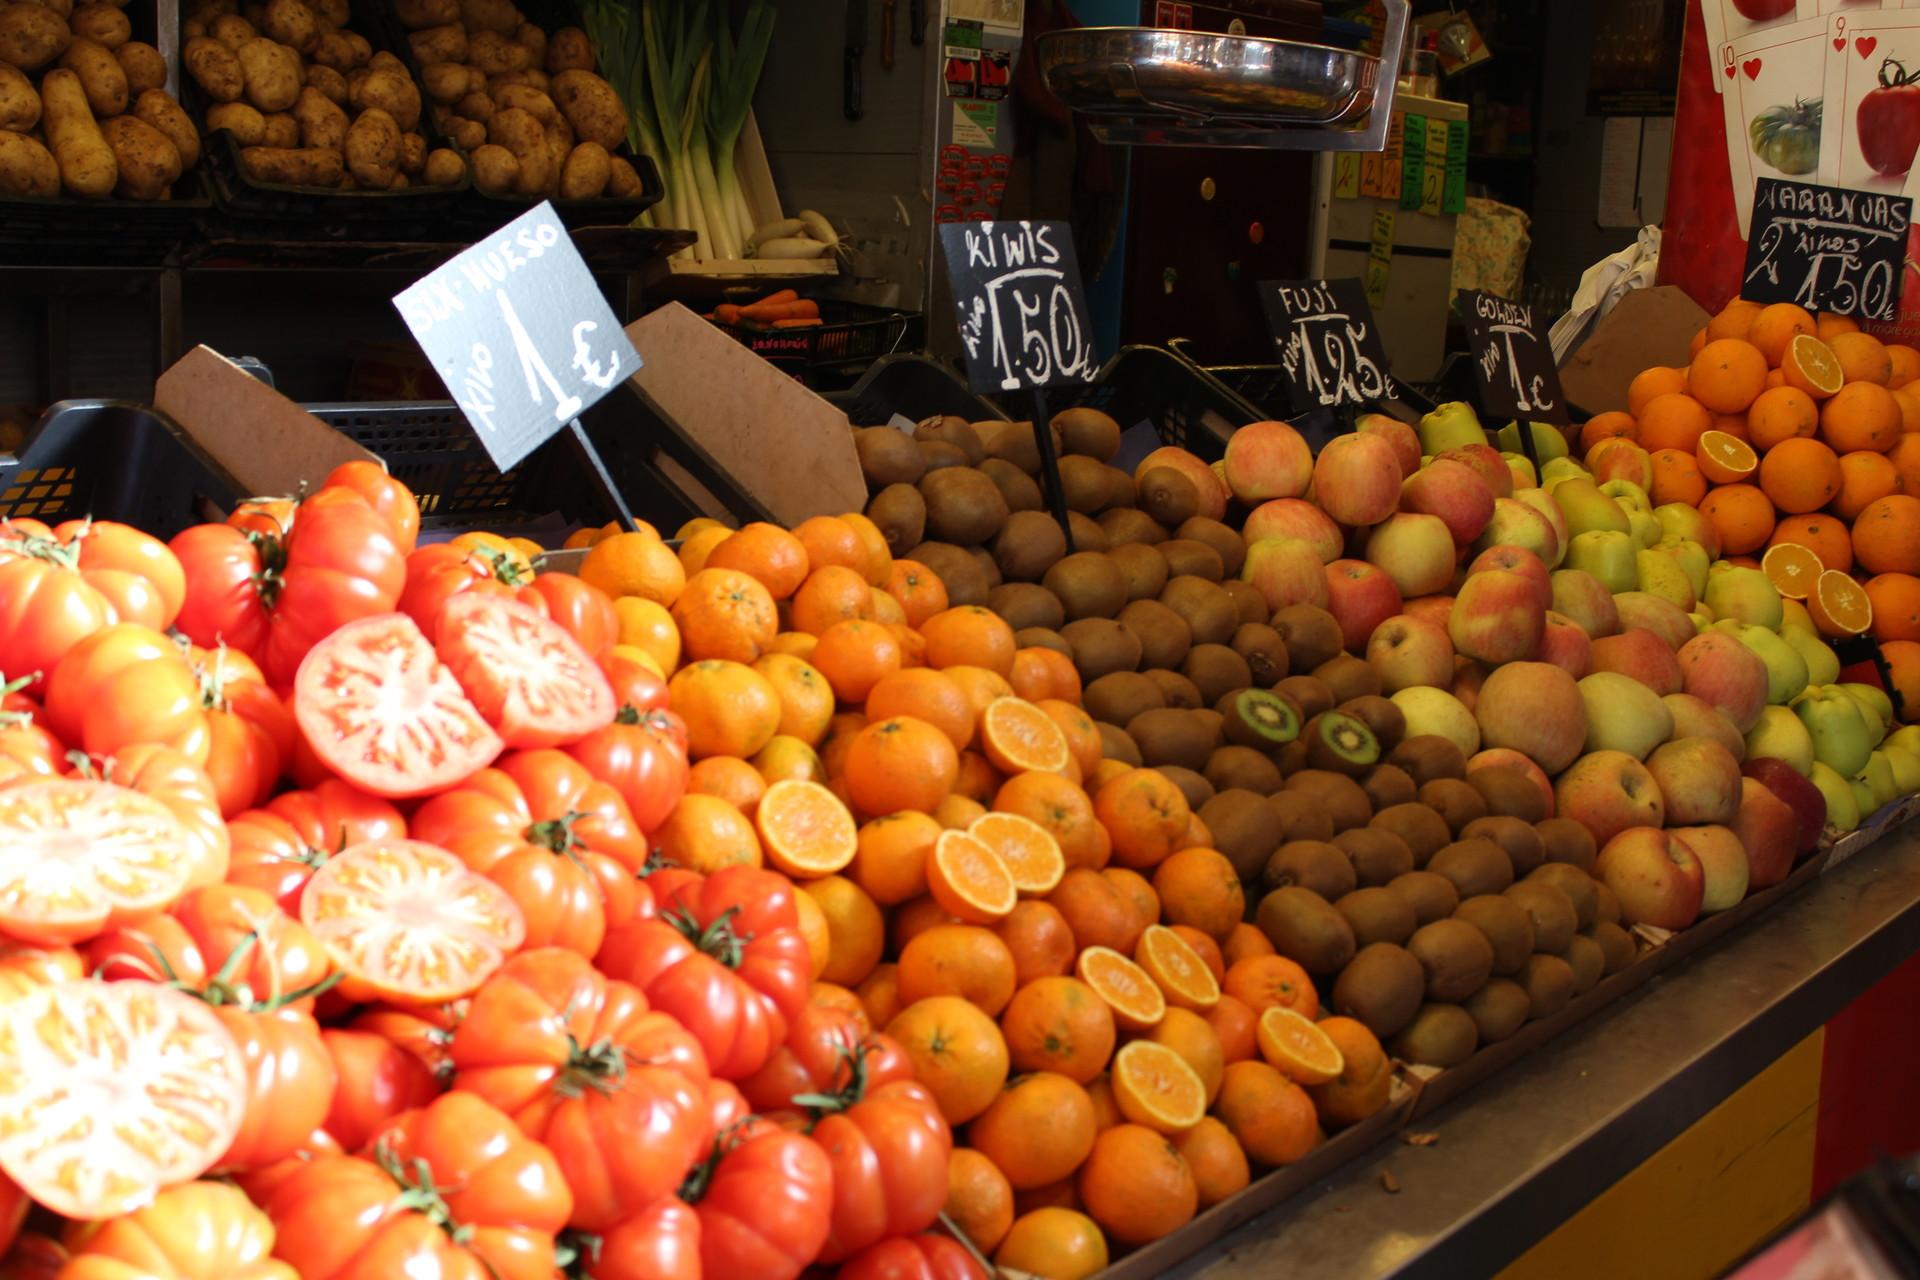 comprar-comida-malaga-mercado-atarazanas